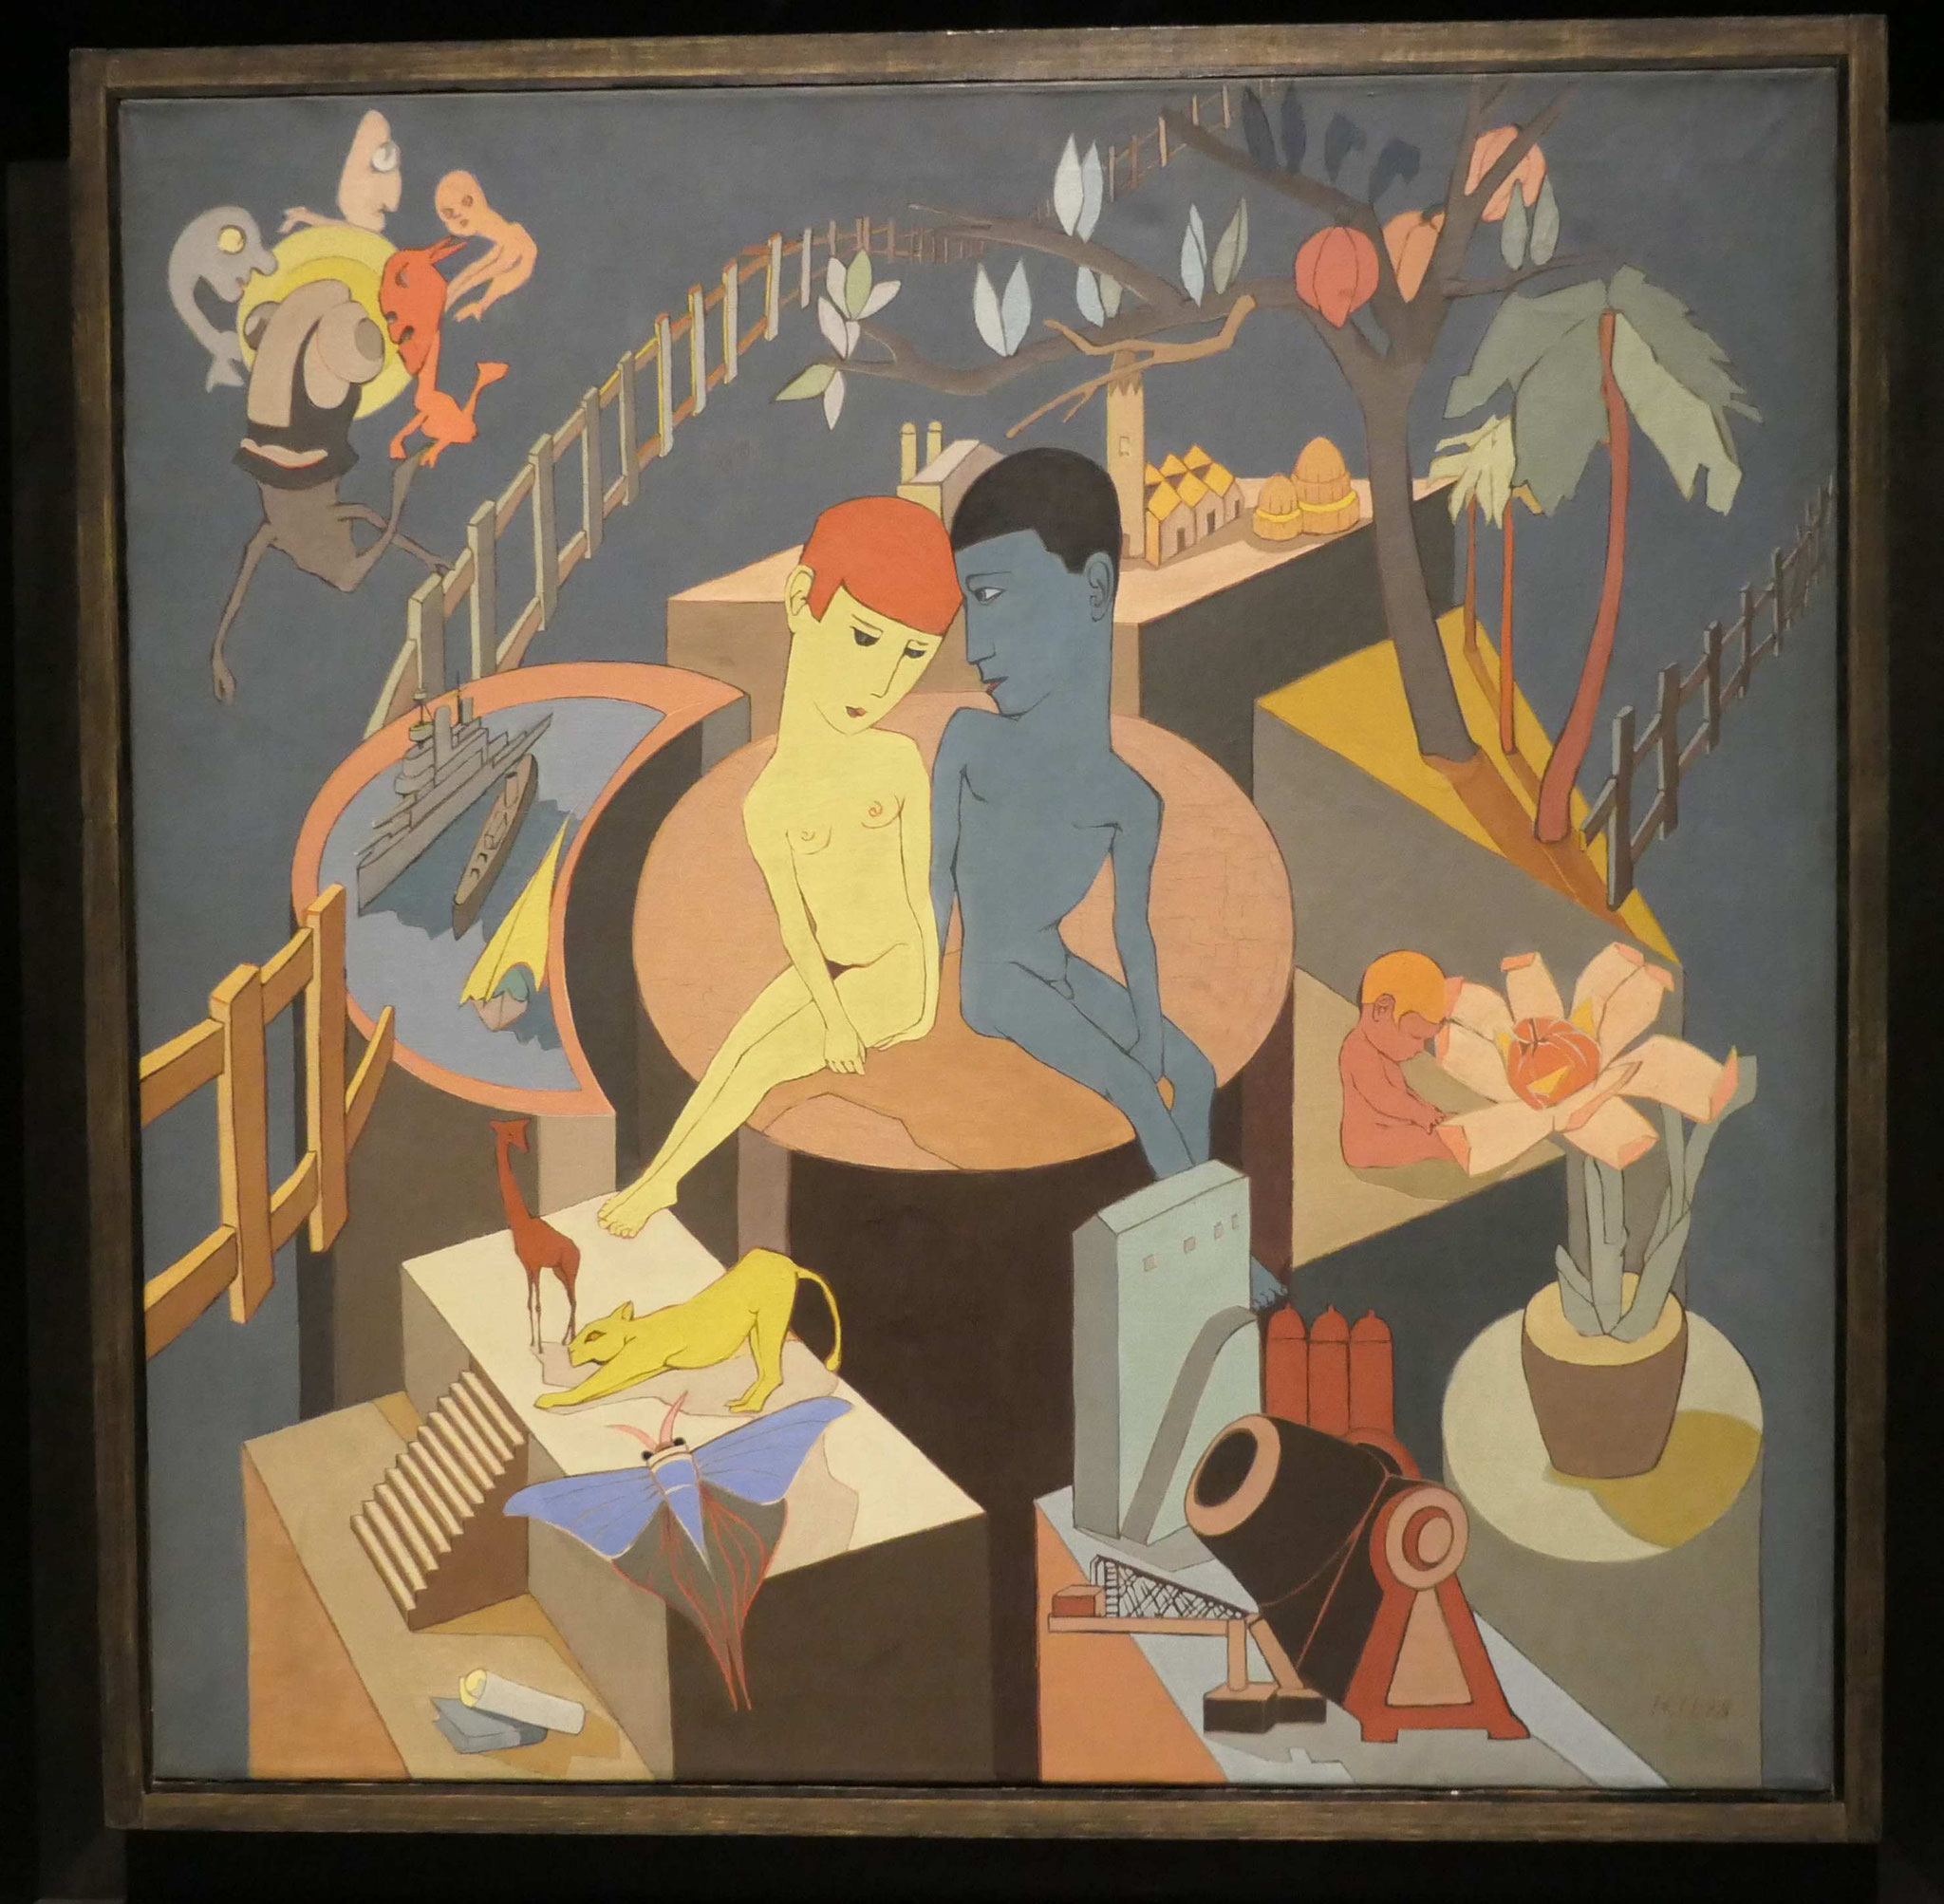 Hannah Höch, Der Zaun, 1928, Berlinische Galerie